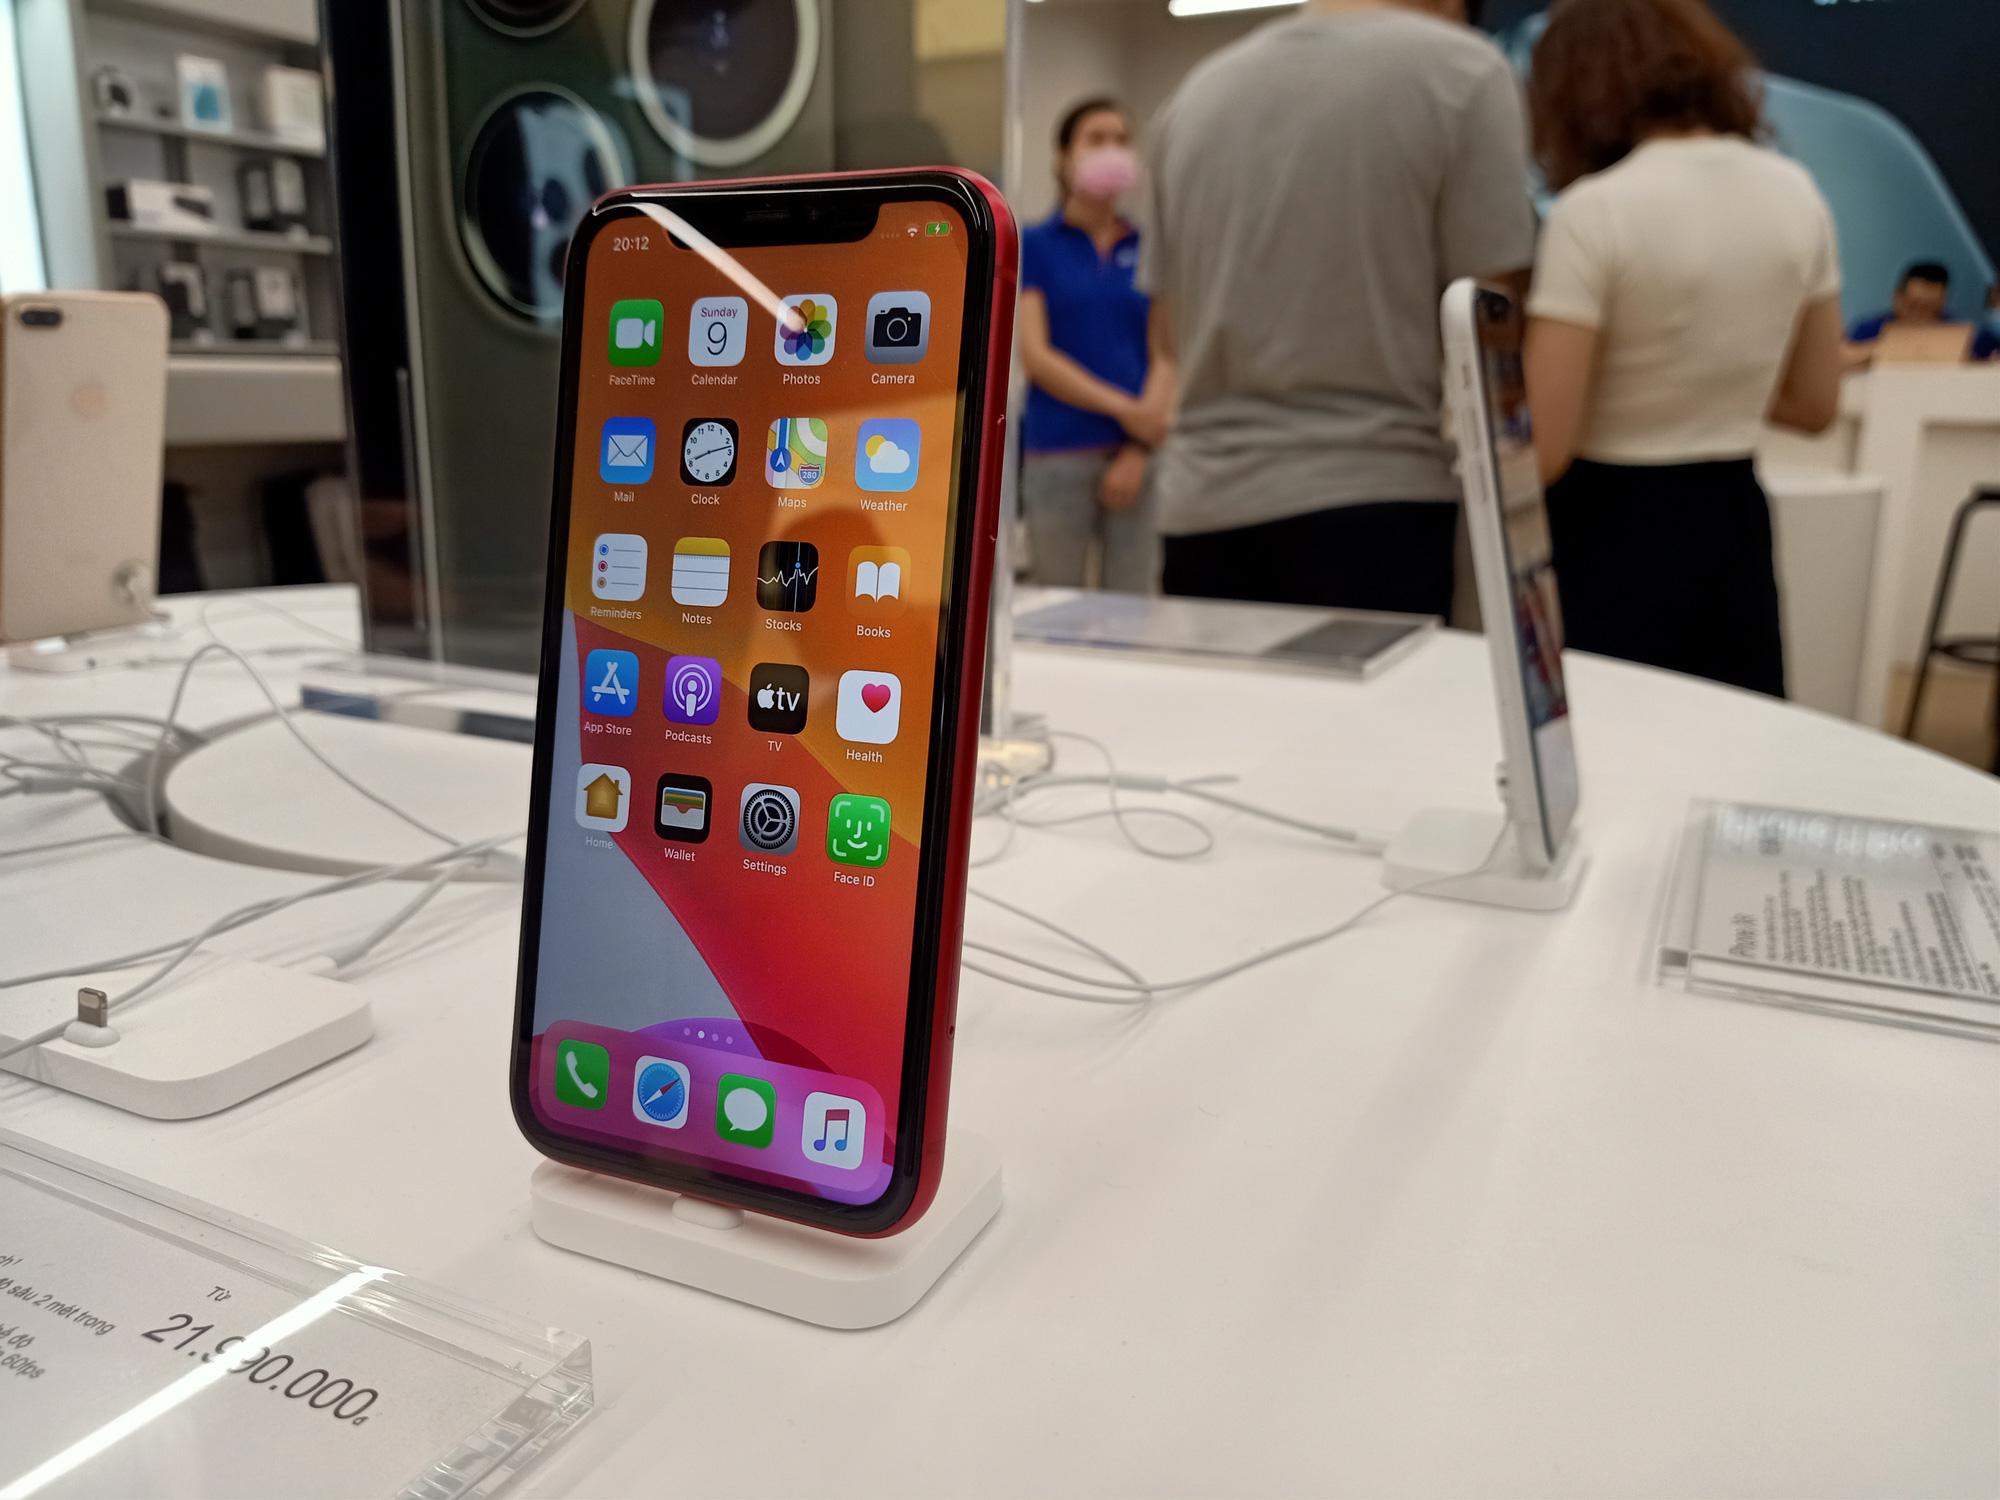 Điện thoại giảm giá tuần này: iPhone biến động nhẹ, Samsung vẫn tiếp tục tung ưu đãi - Ảnh 1.